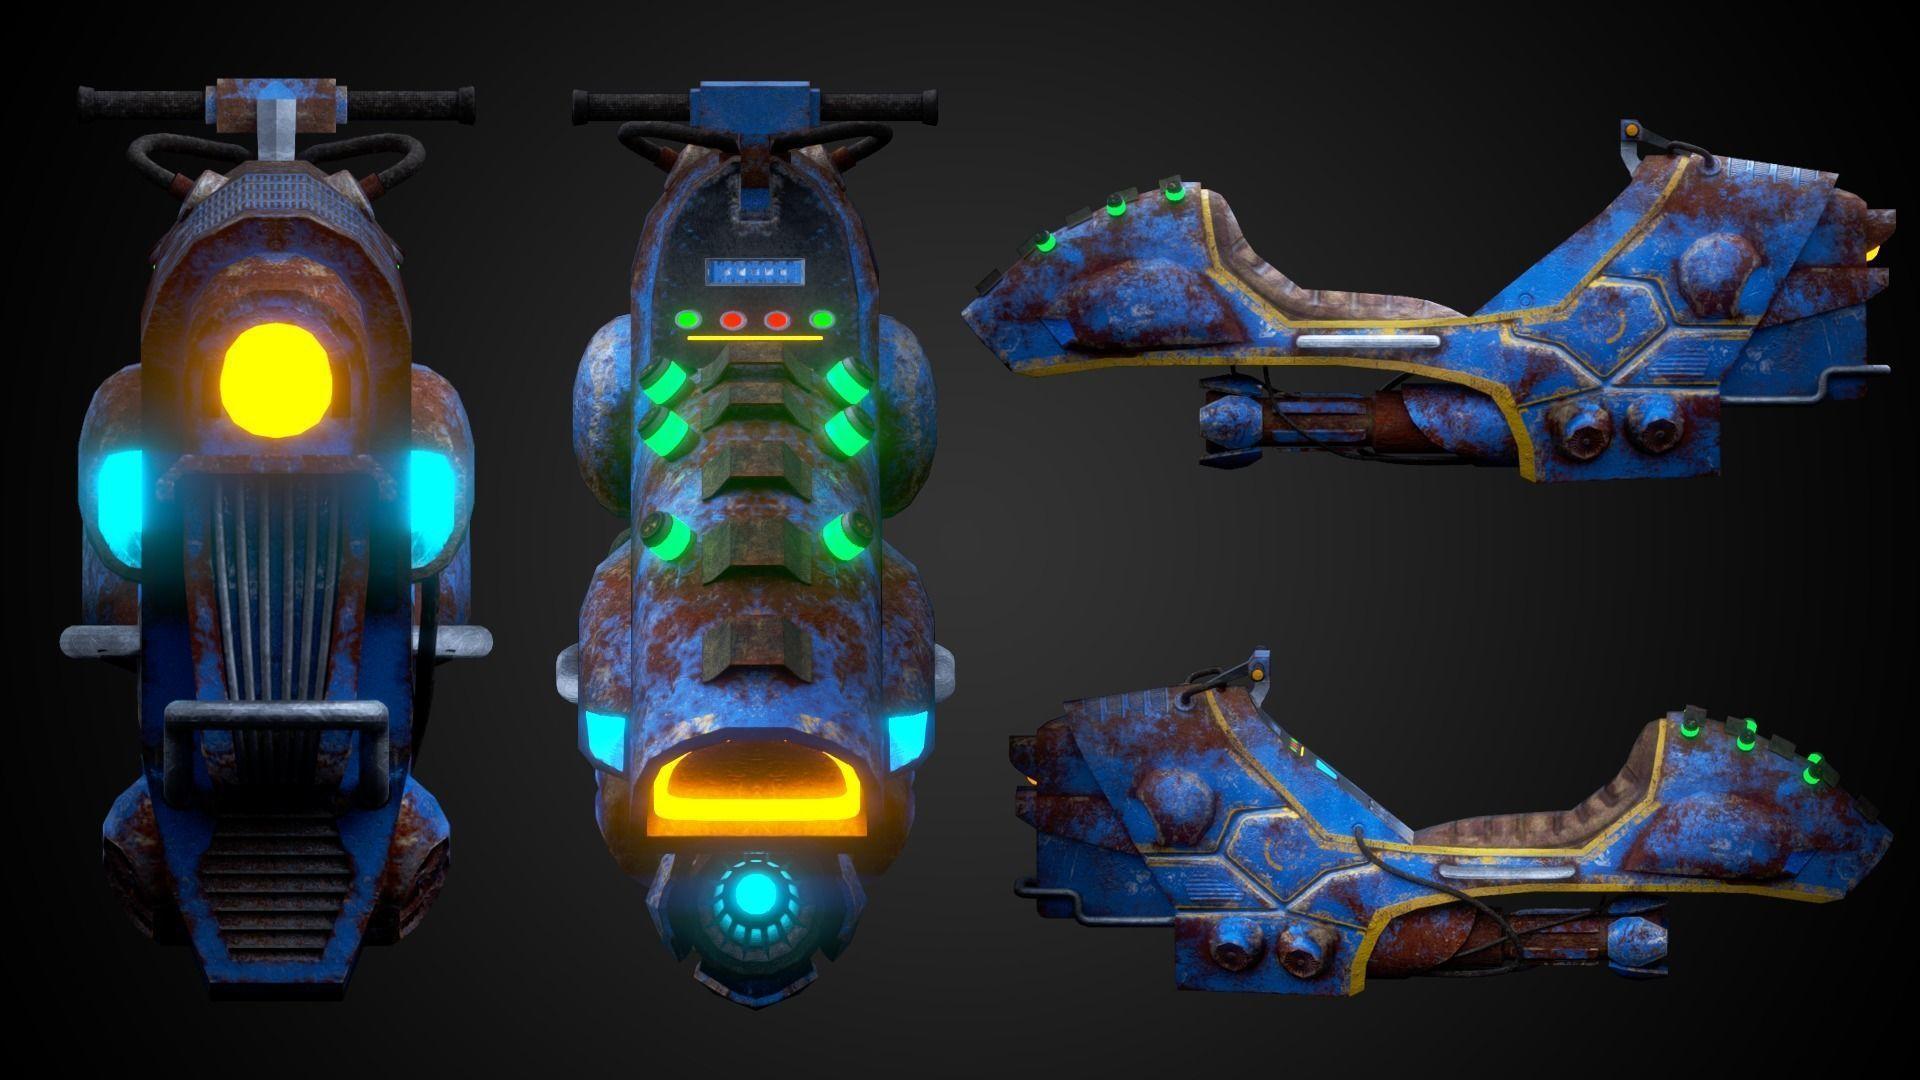 Sci-fi bike